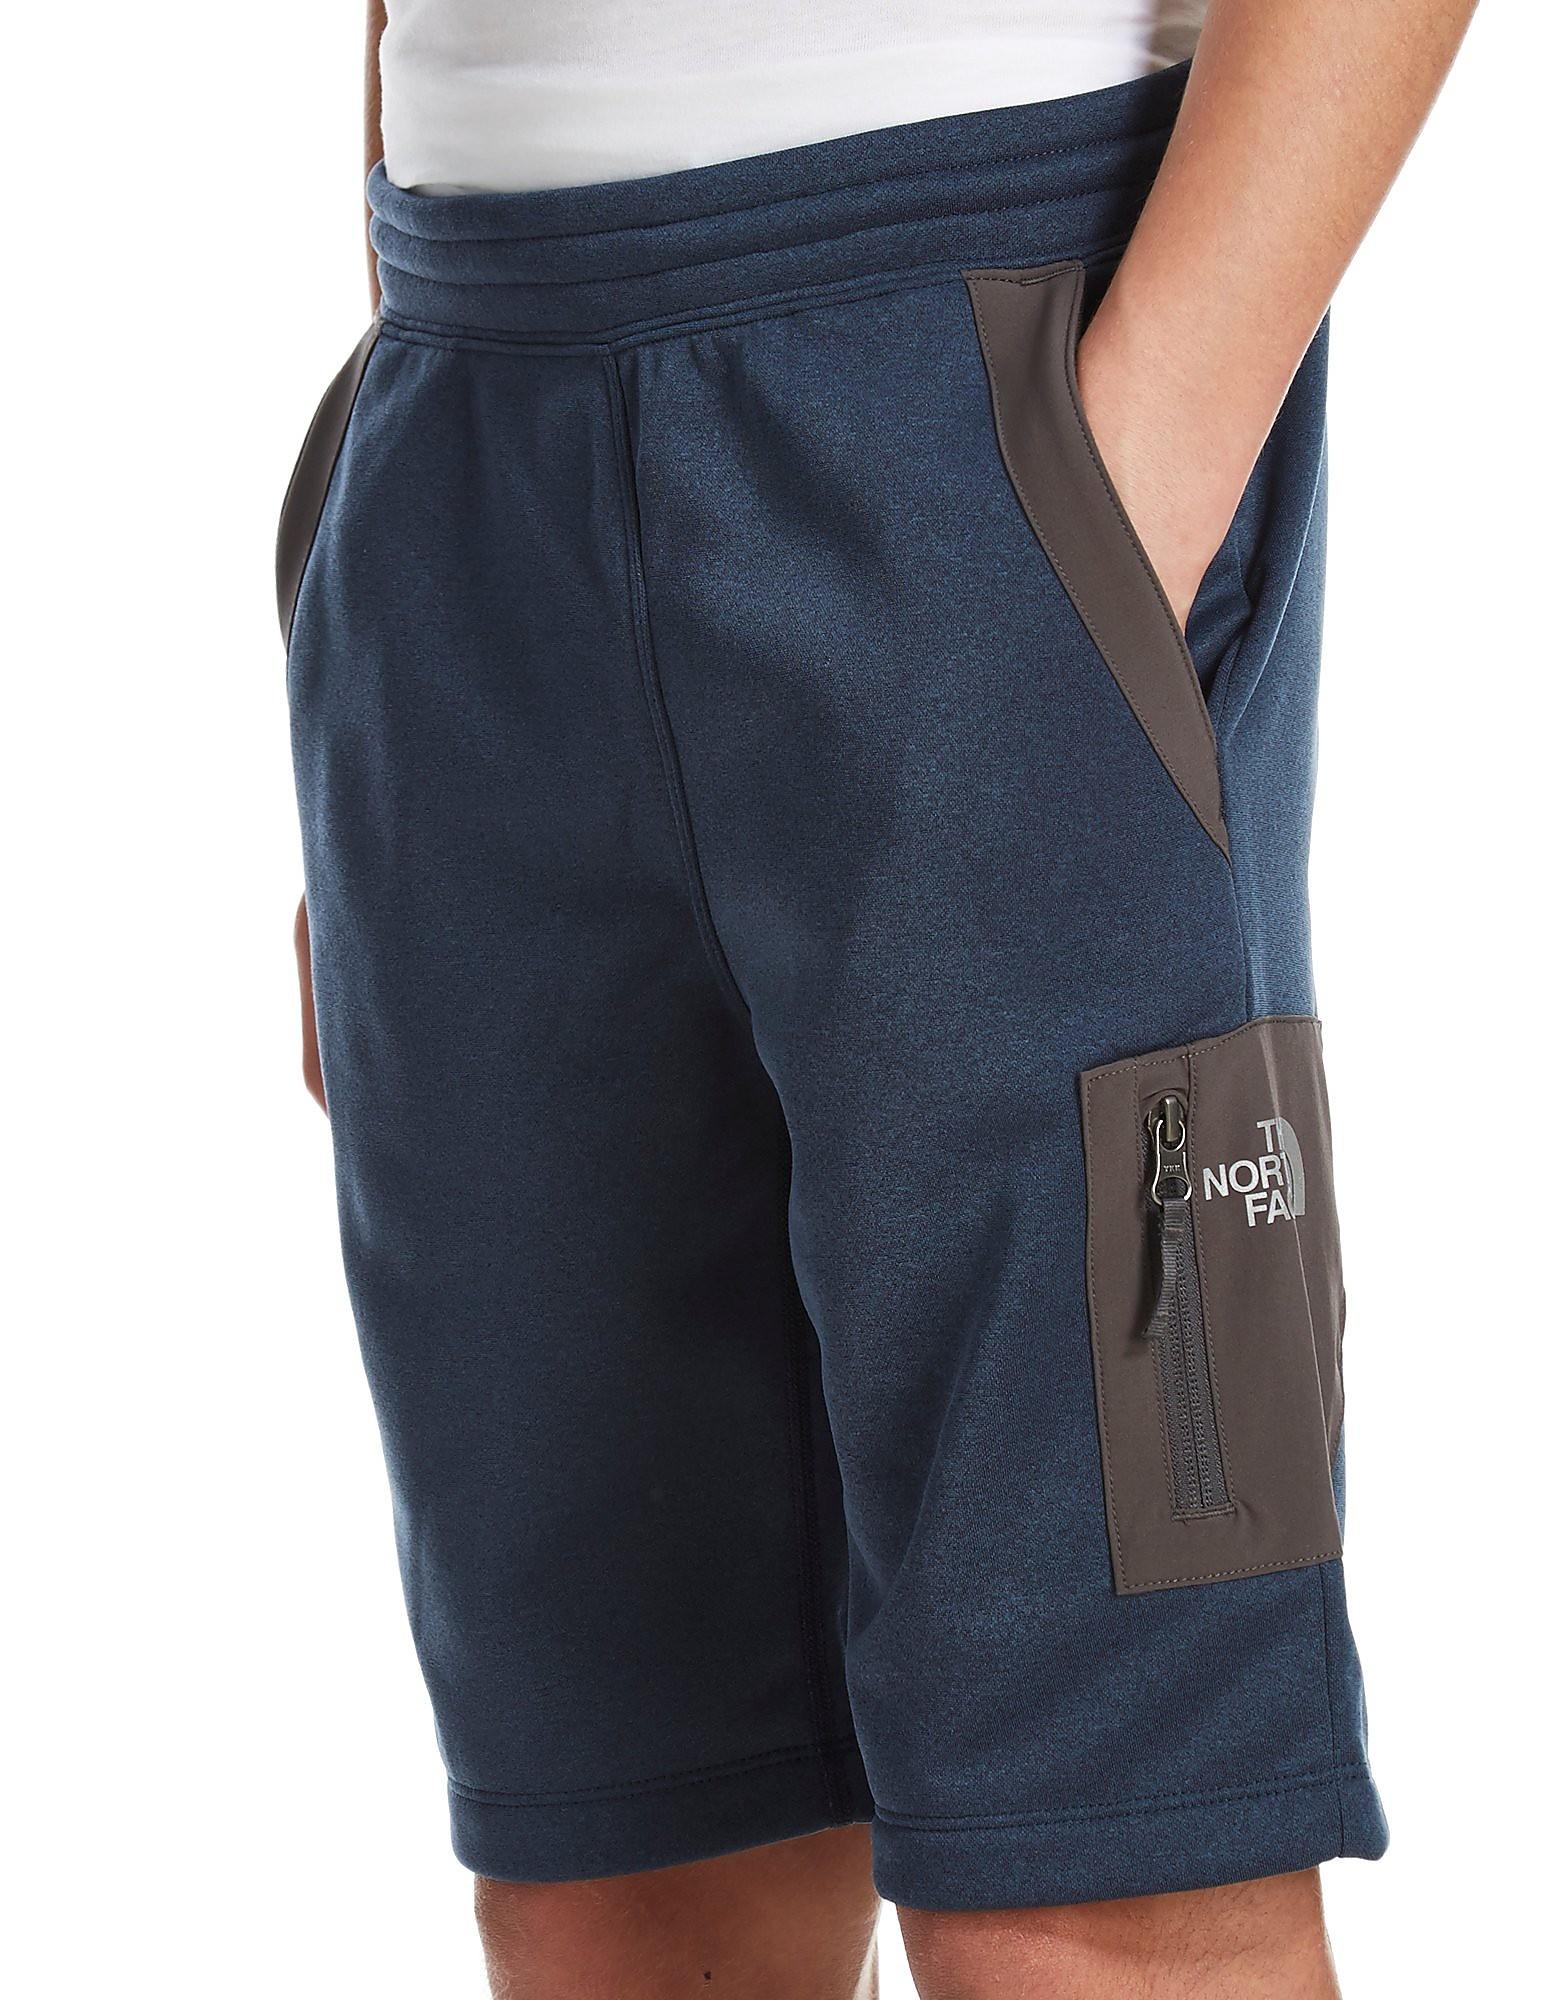 The North Face Pantalones cortos Mittellegi júnior